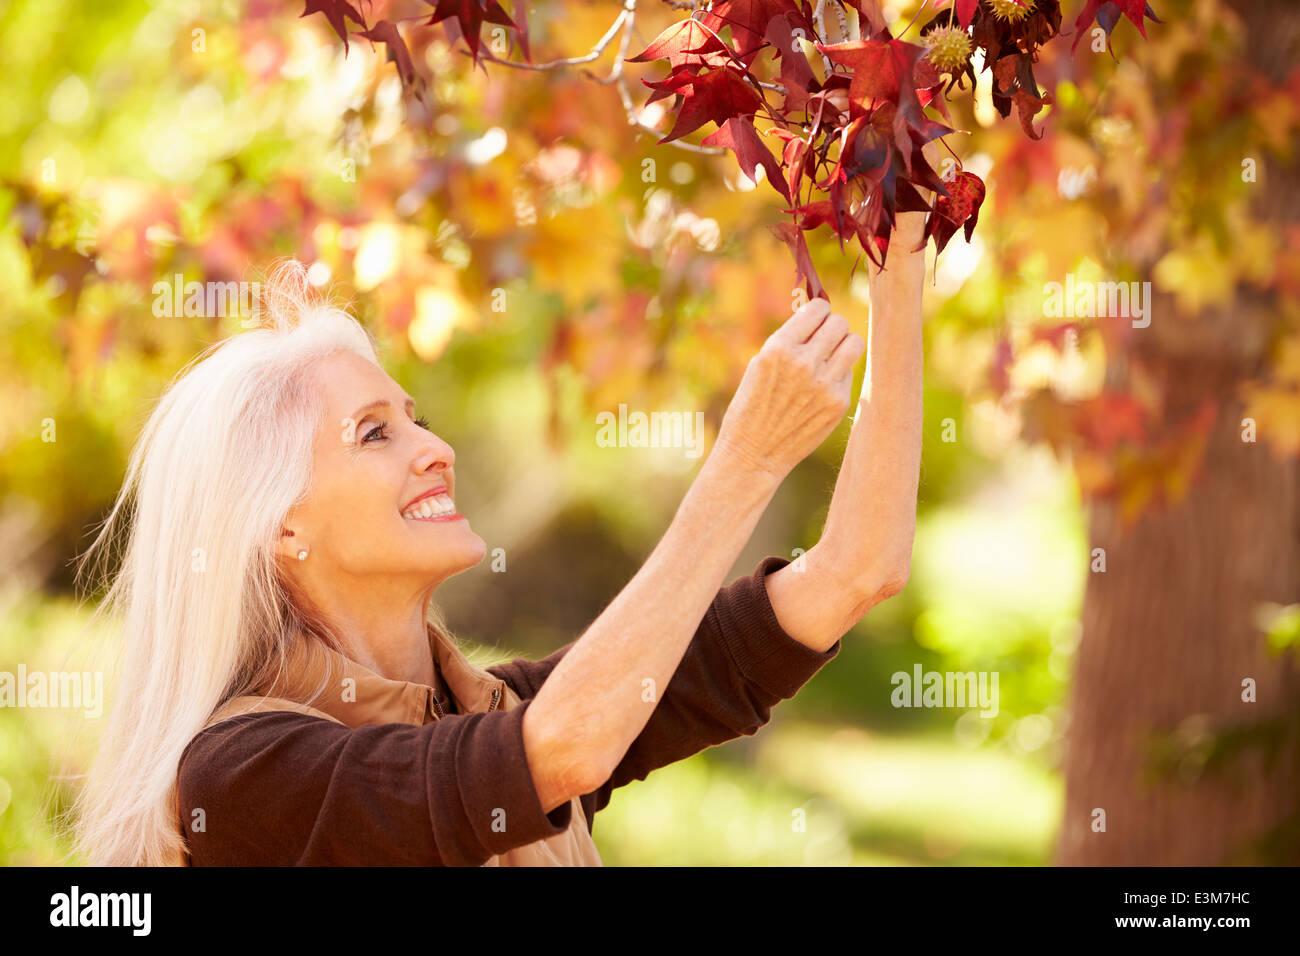 Reife Frau In Herbst Landschaft entspannen Stockbild